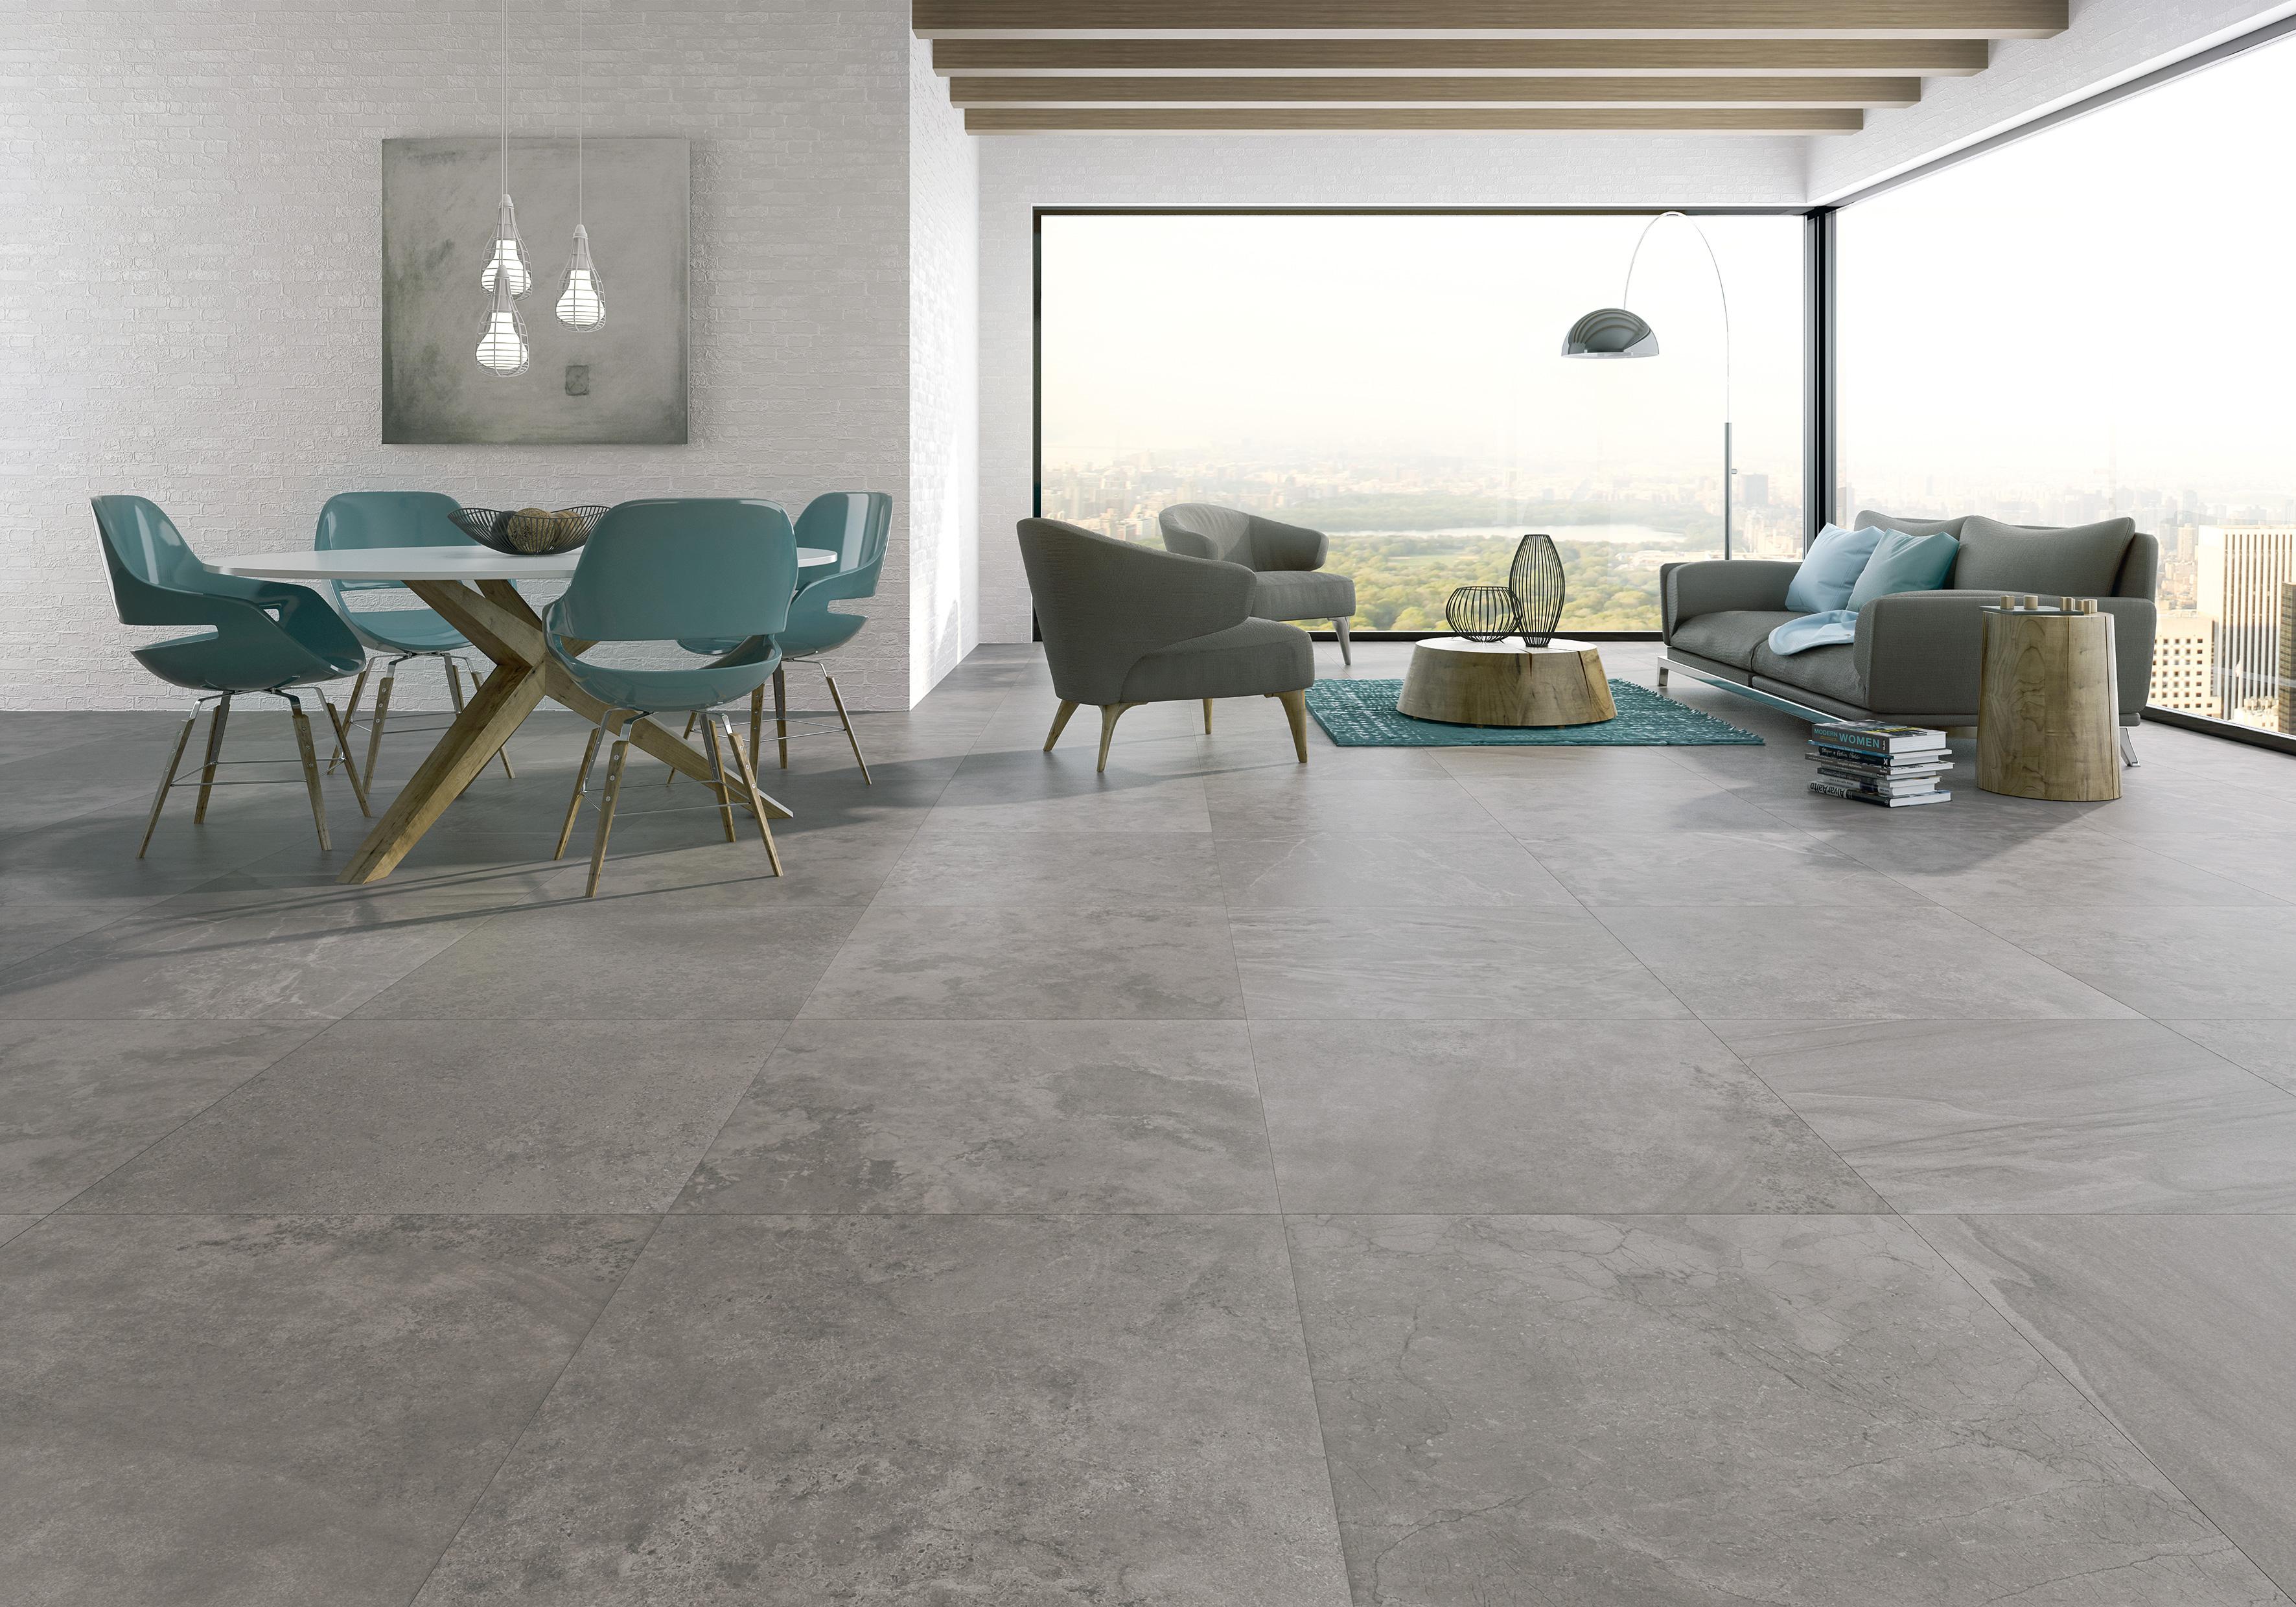 Ak n form ty 75x75 cm la futura for Piso cemento pulido blanco